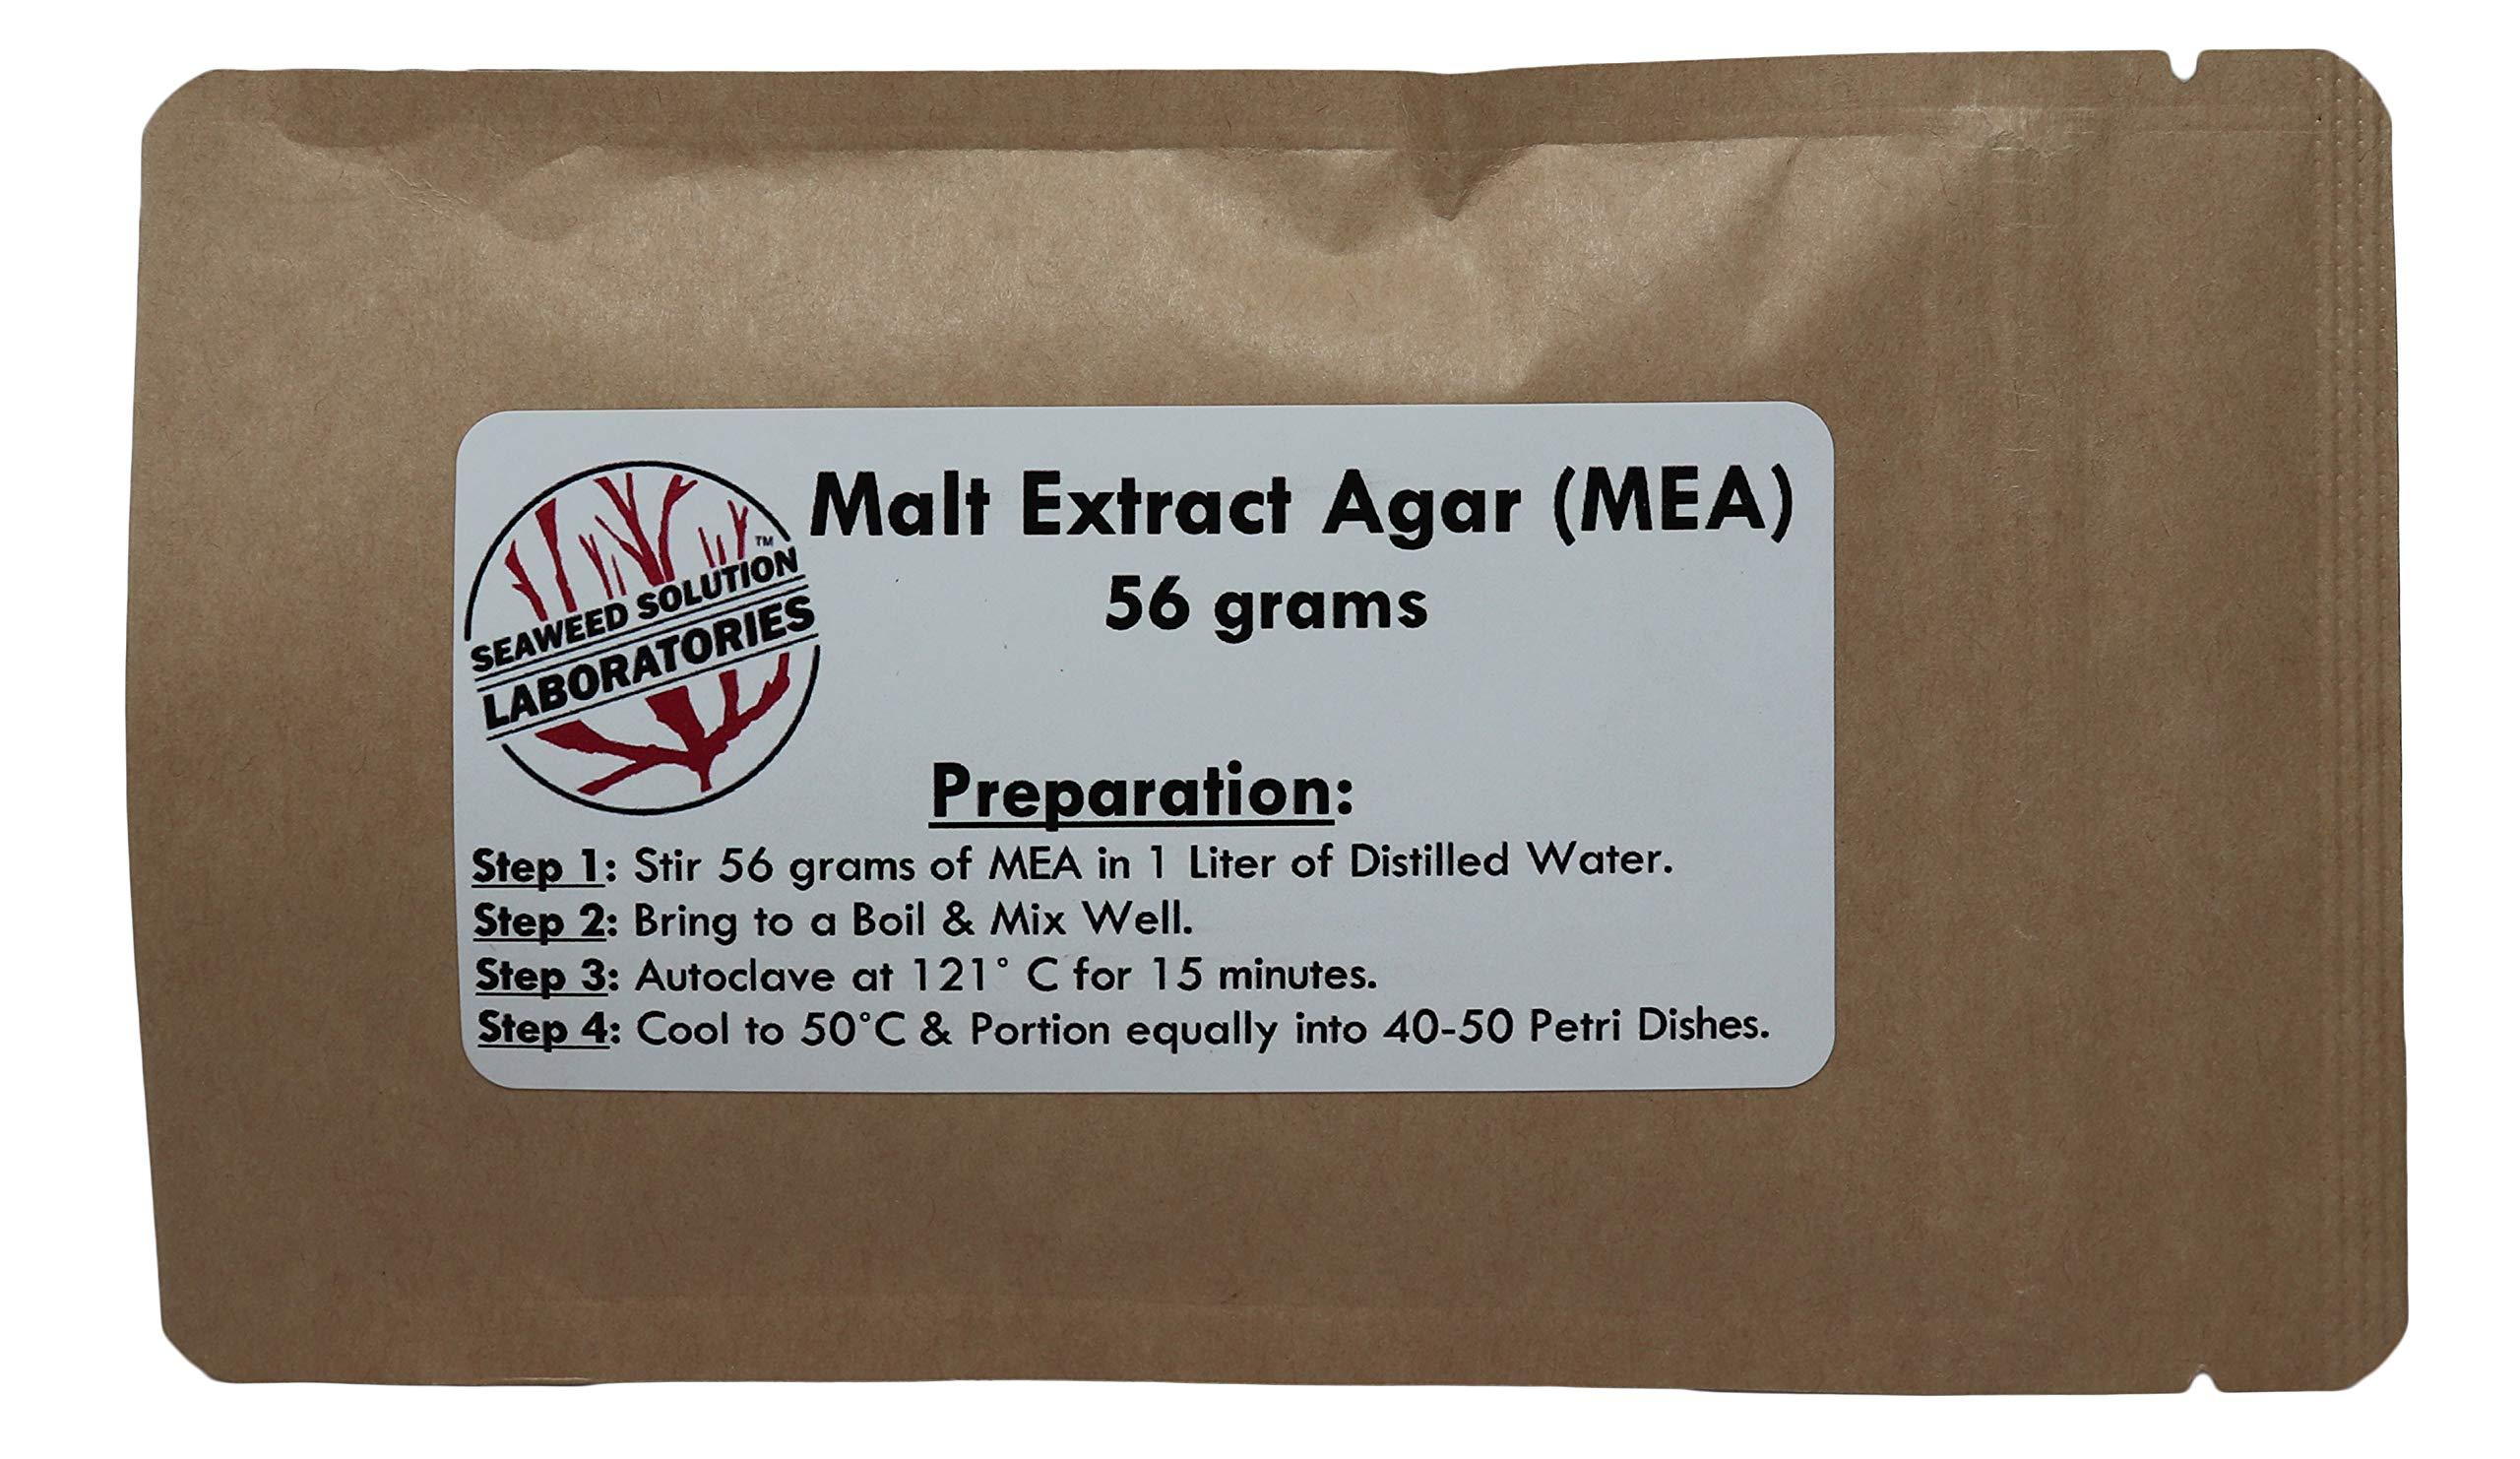 Malt Extract Agar (MEA) 56 grams